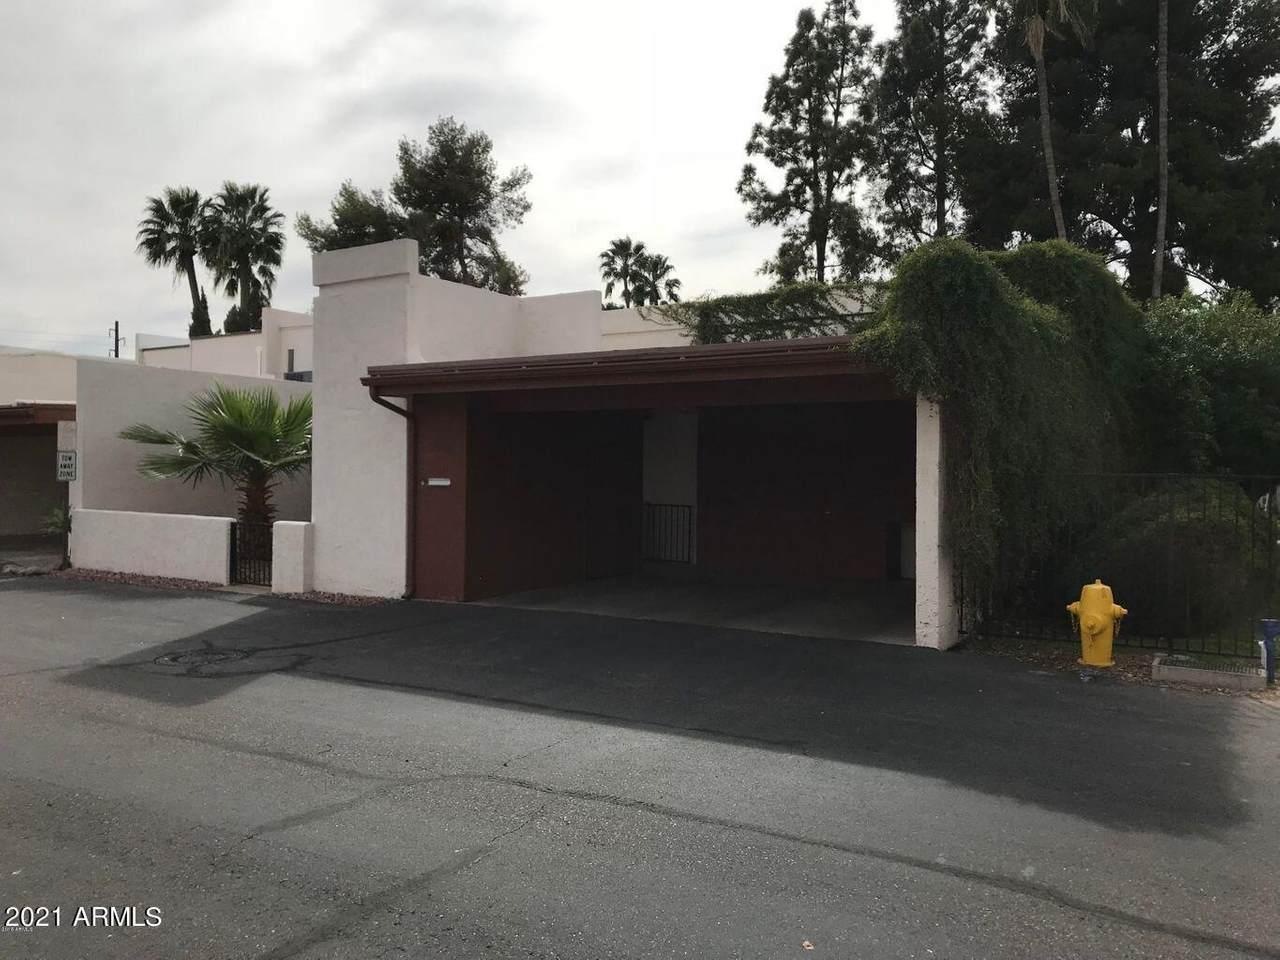 3206 El Camino Drive - Photo 1